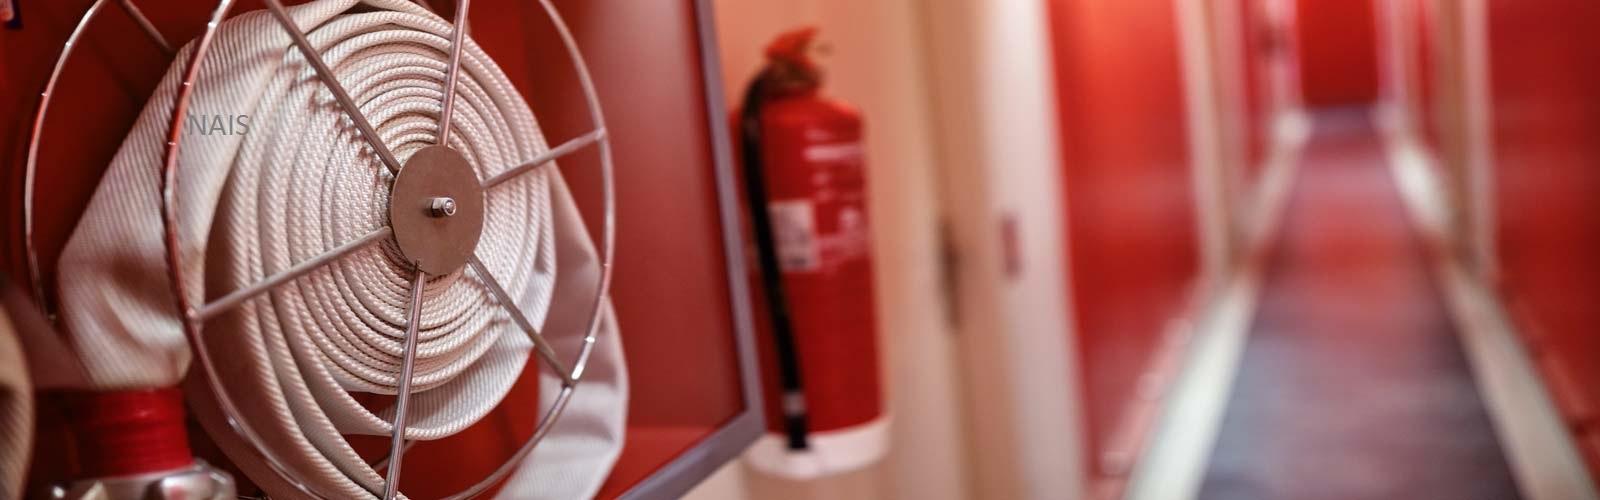 пожежні крани вимоги